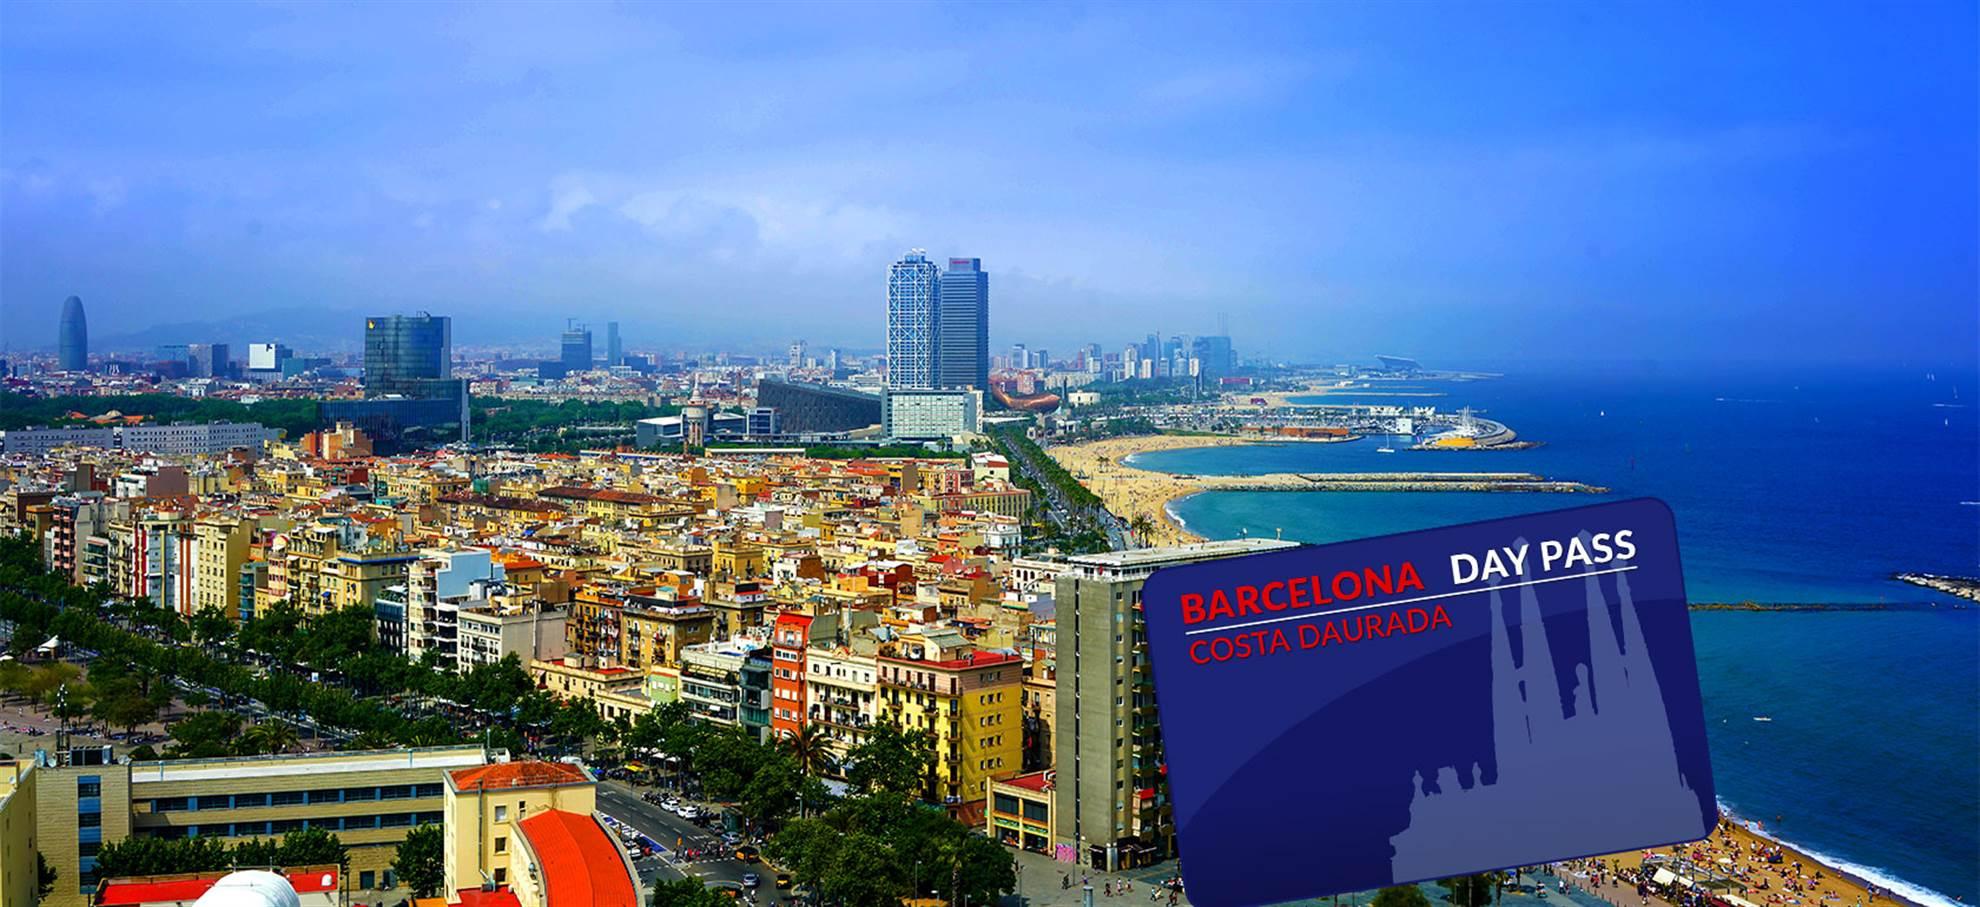 Costa Daurada - Barcelona – Karta Day Pass